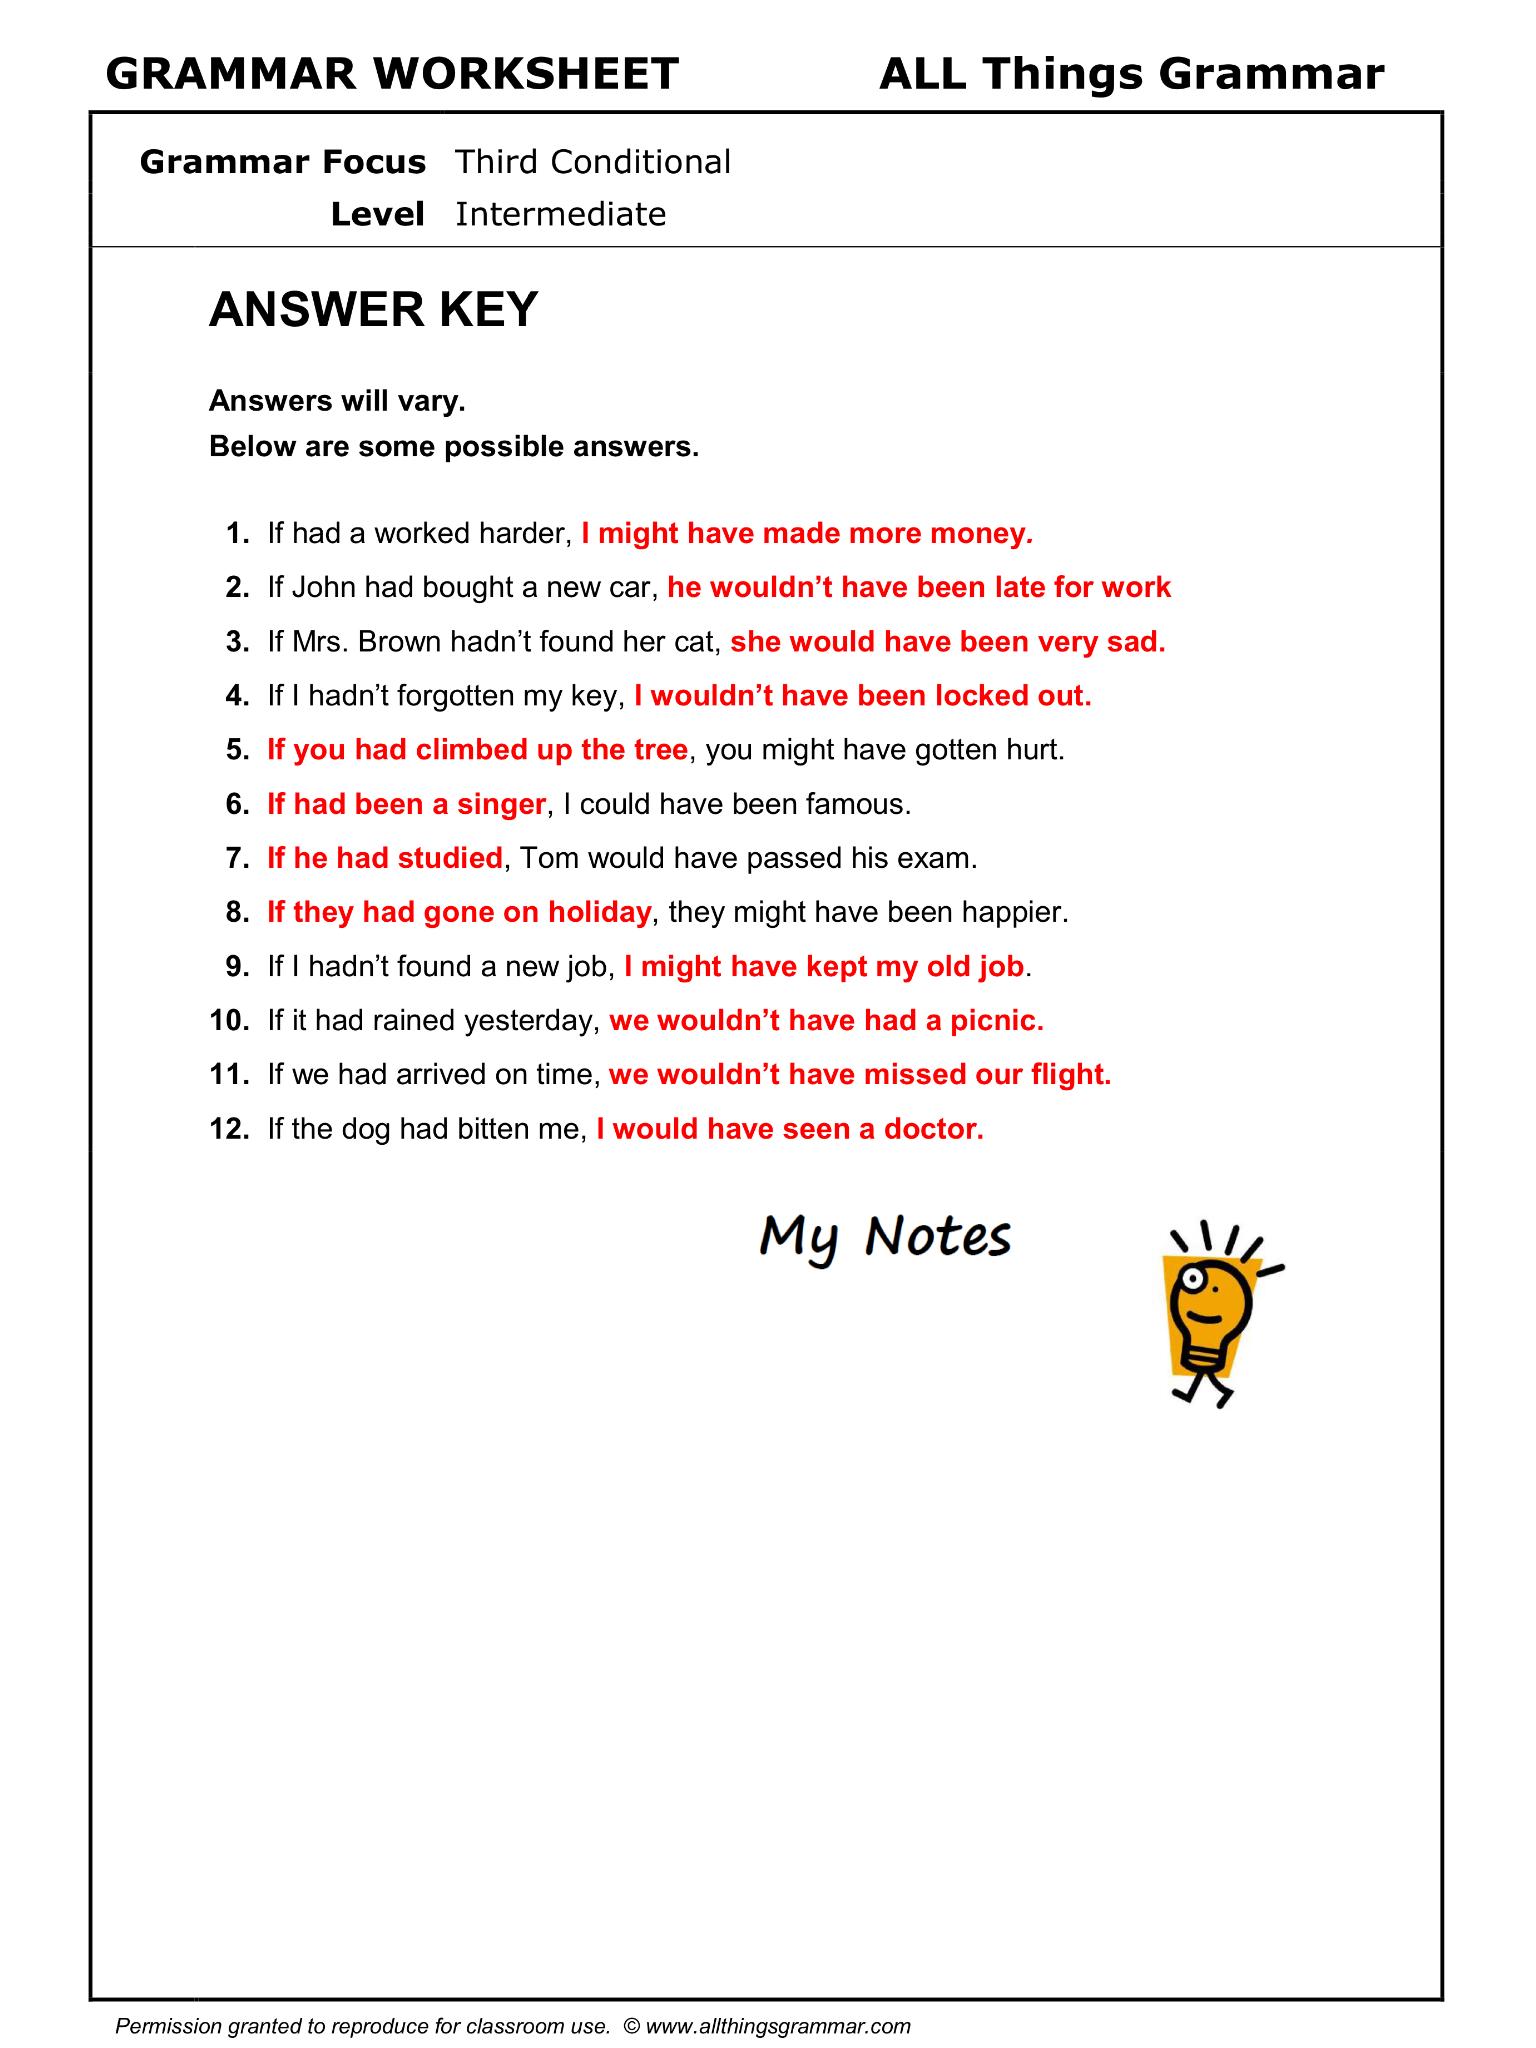 English Grammar Worksheet Third Conditional 2 2